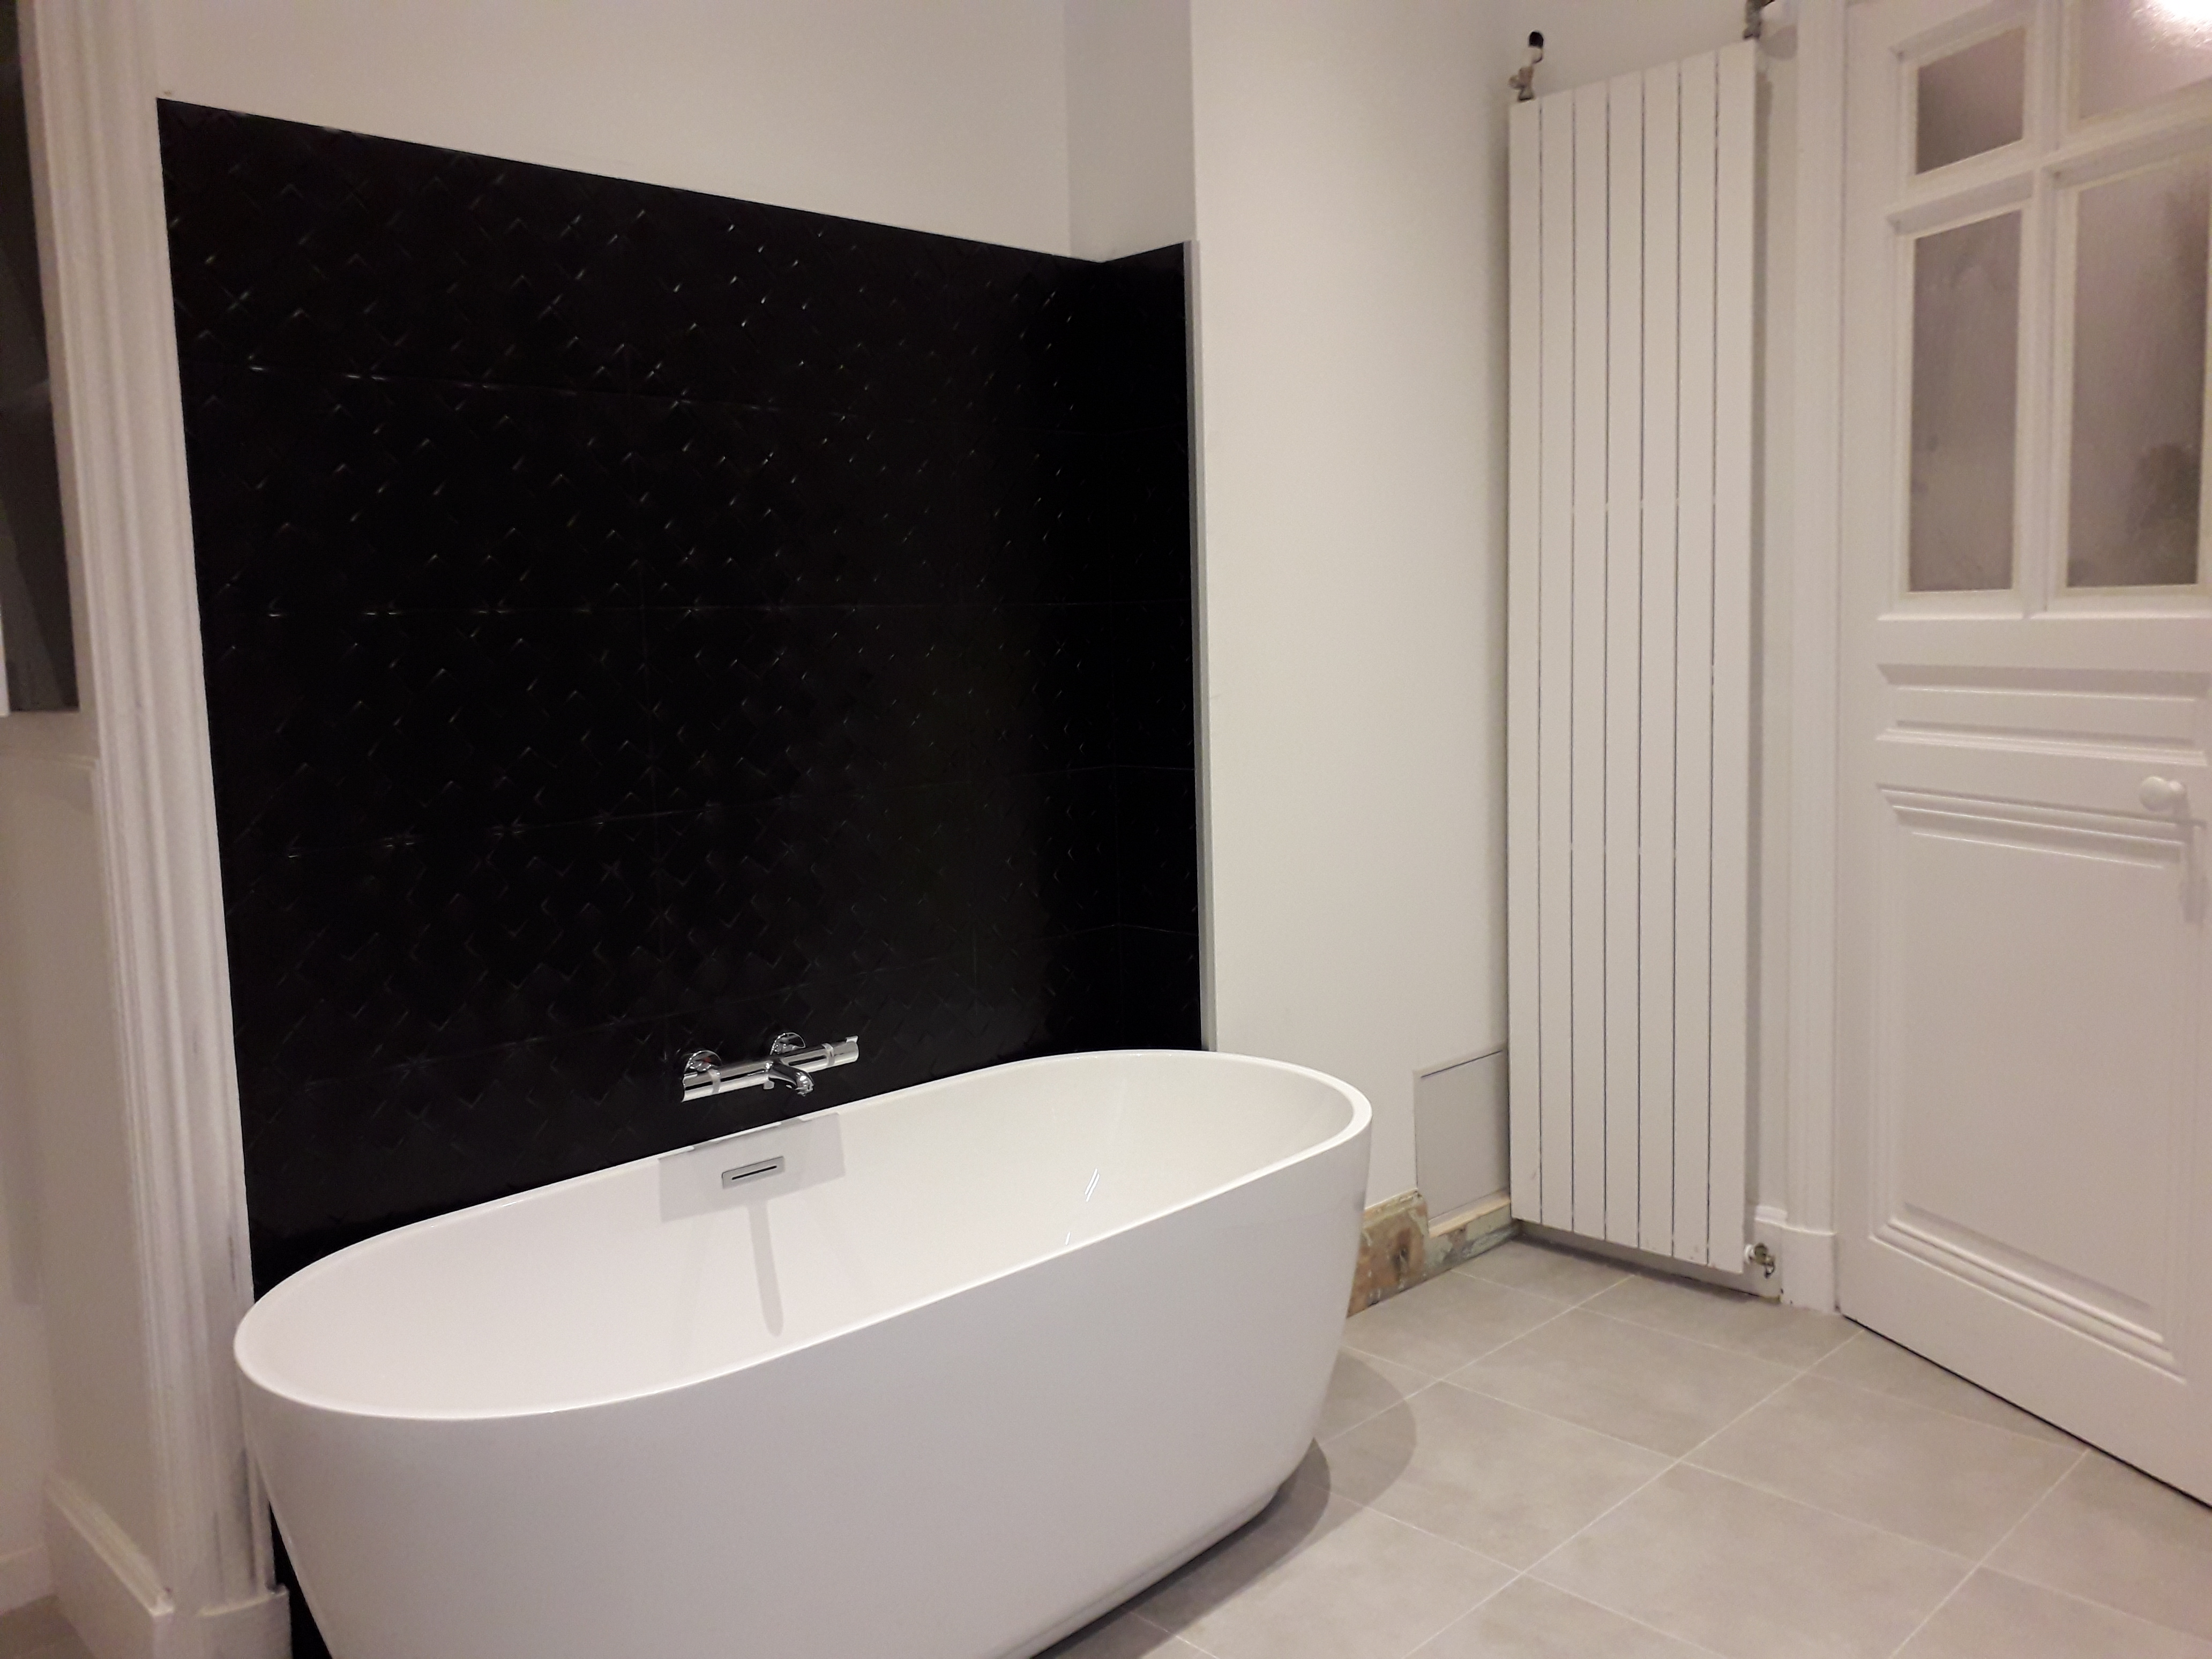 Rénovation de salle de bain, salle d\'eau, WC – Agencement ...